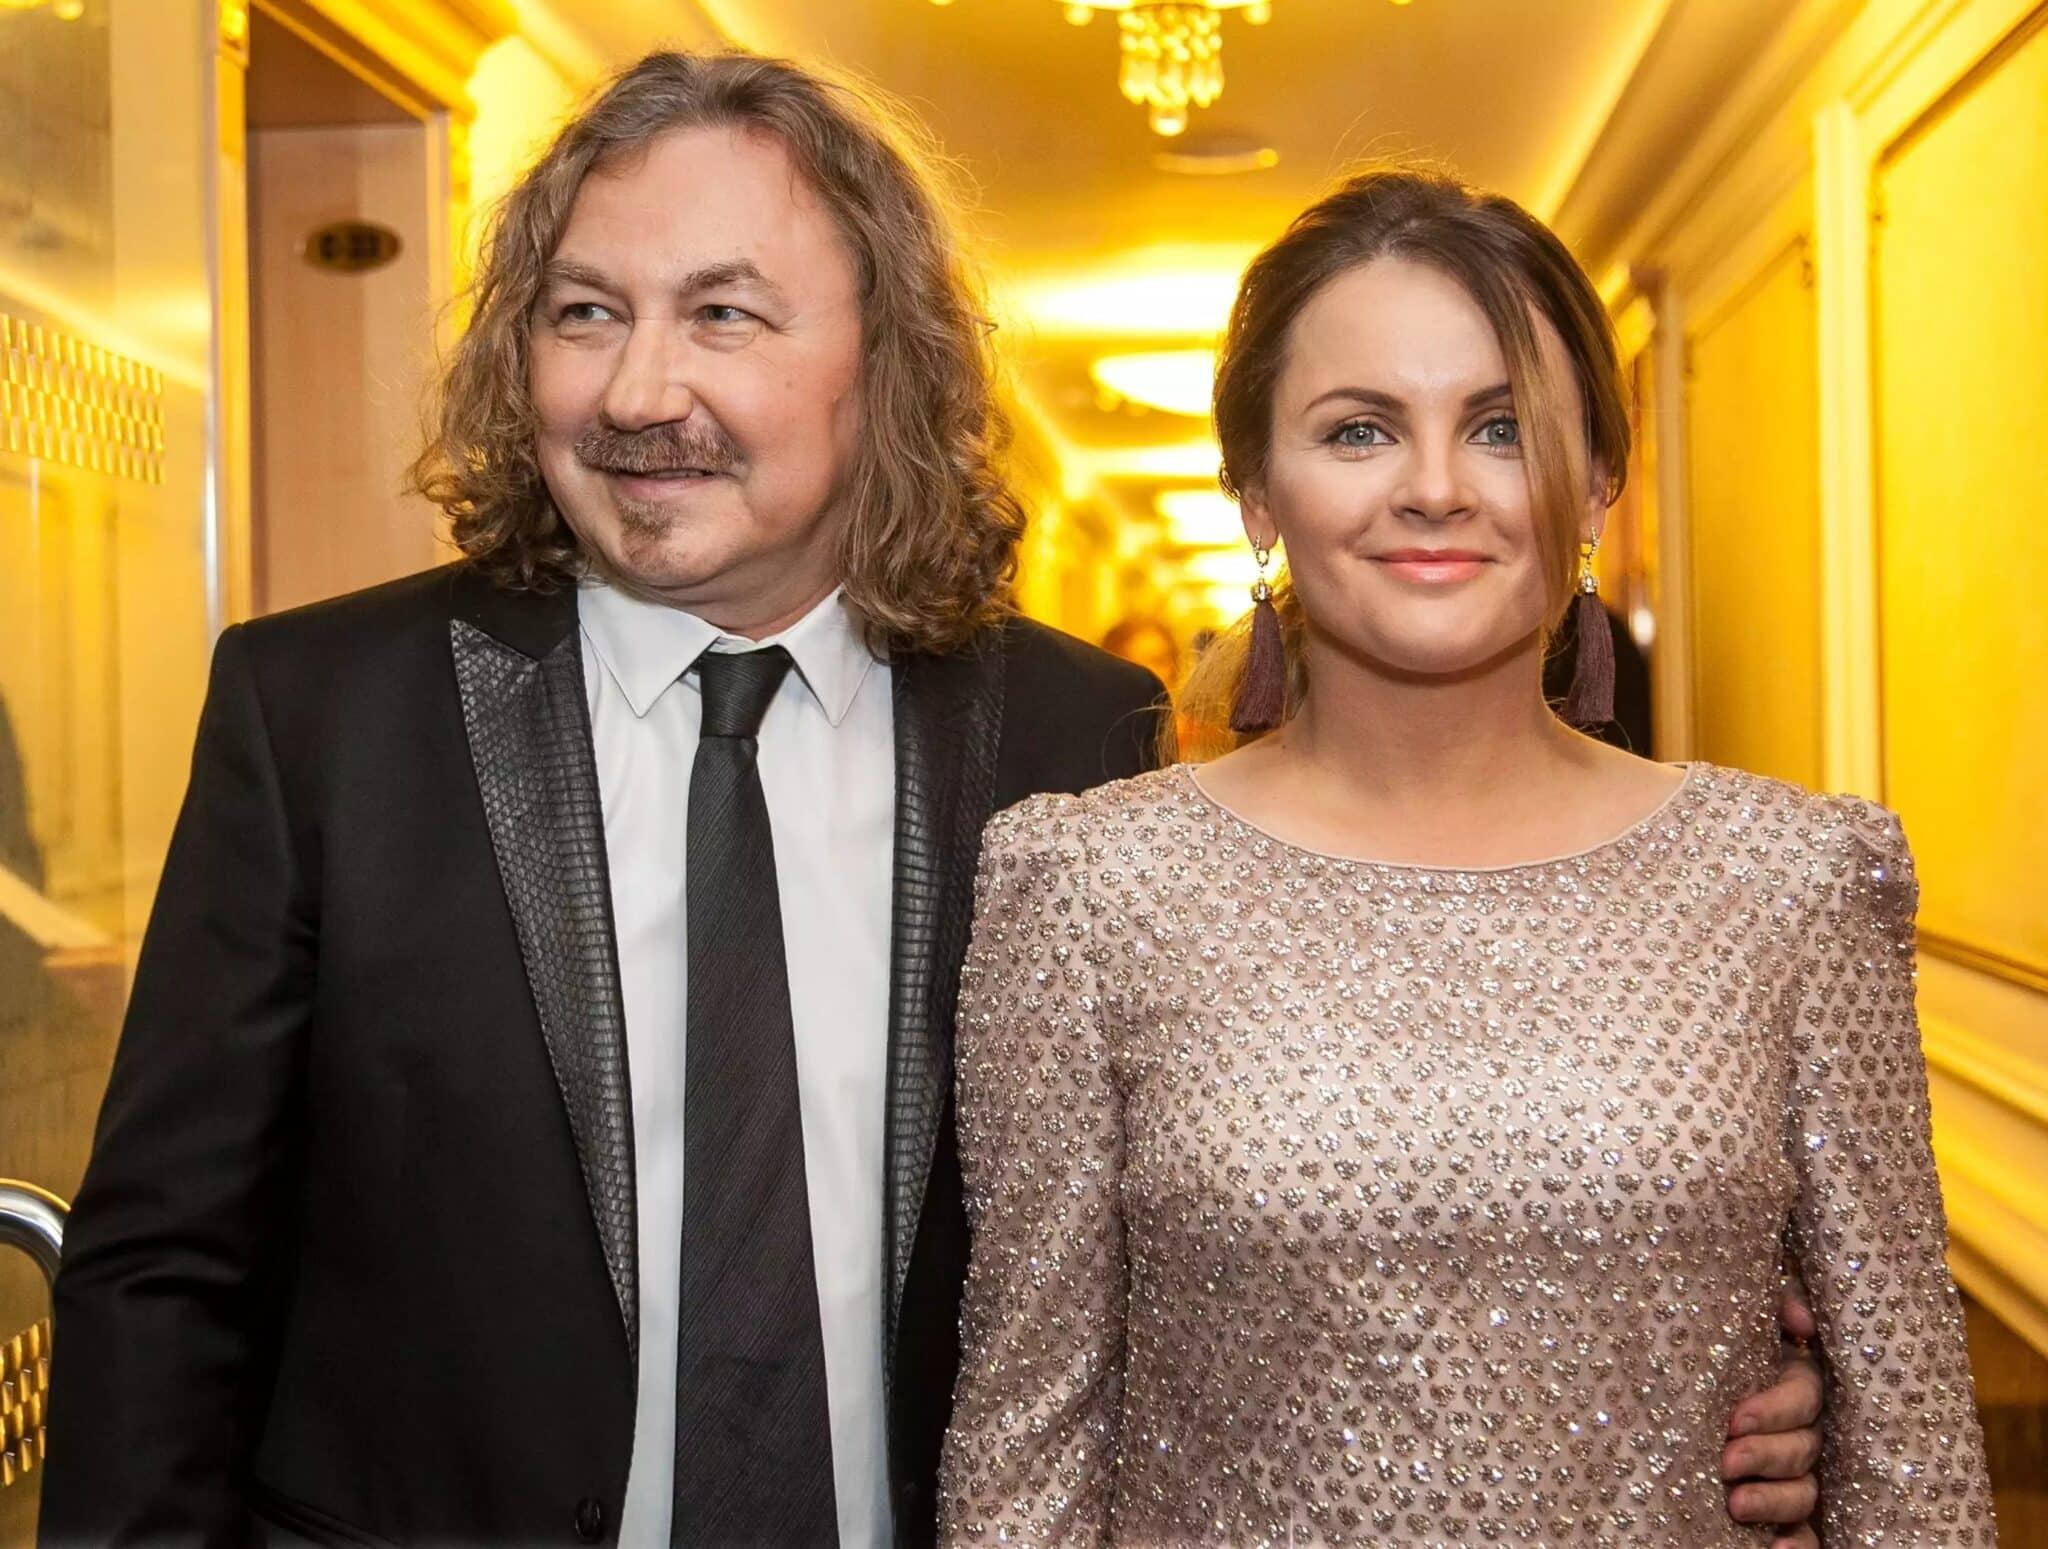 Игорь Николаев и Юлия Проскурякова: последние новости, фото с отдыха из Юрмалы